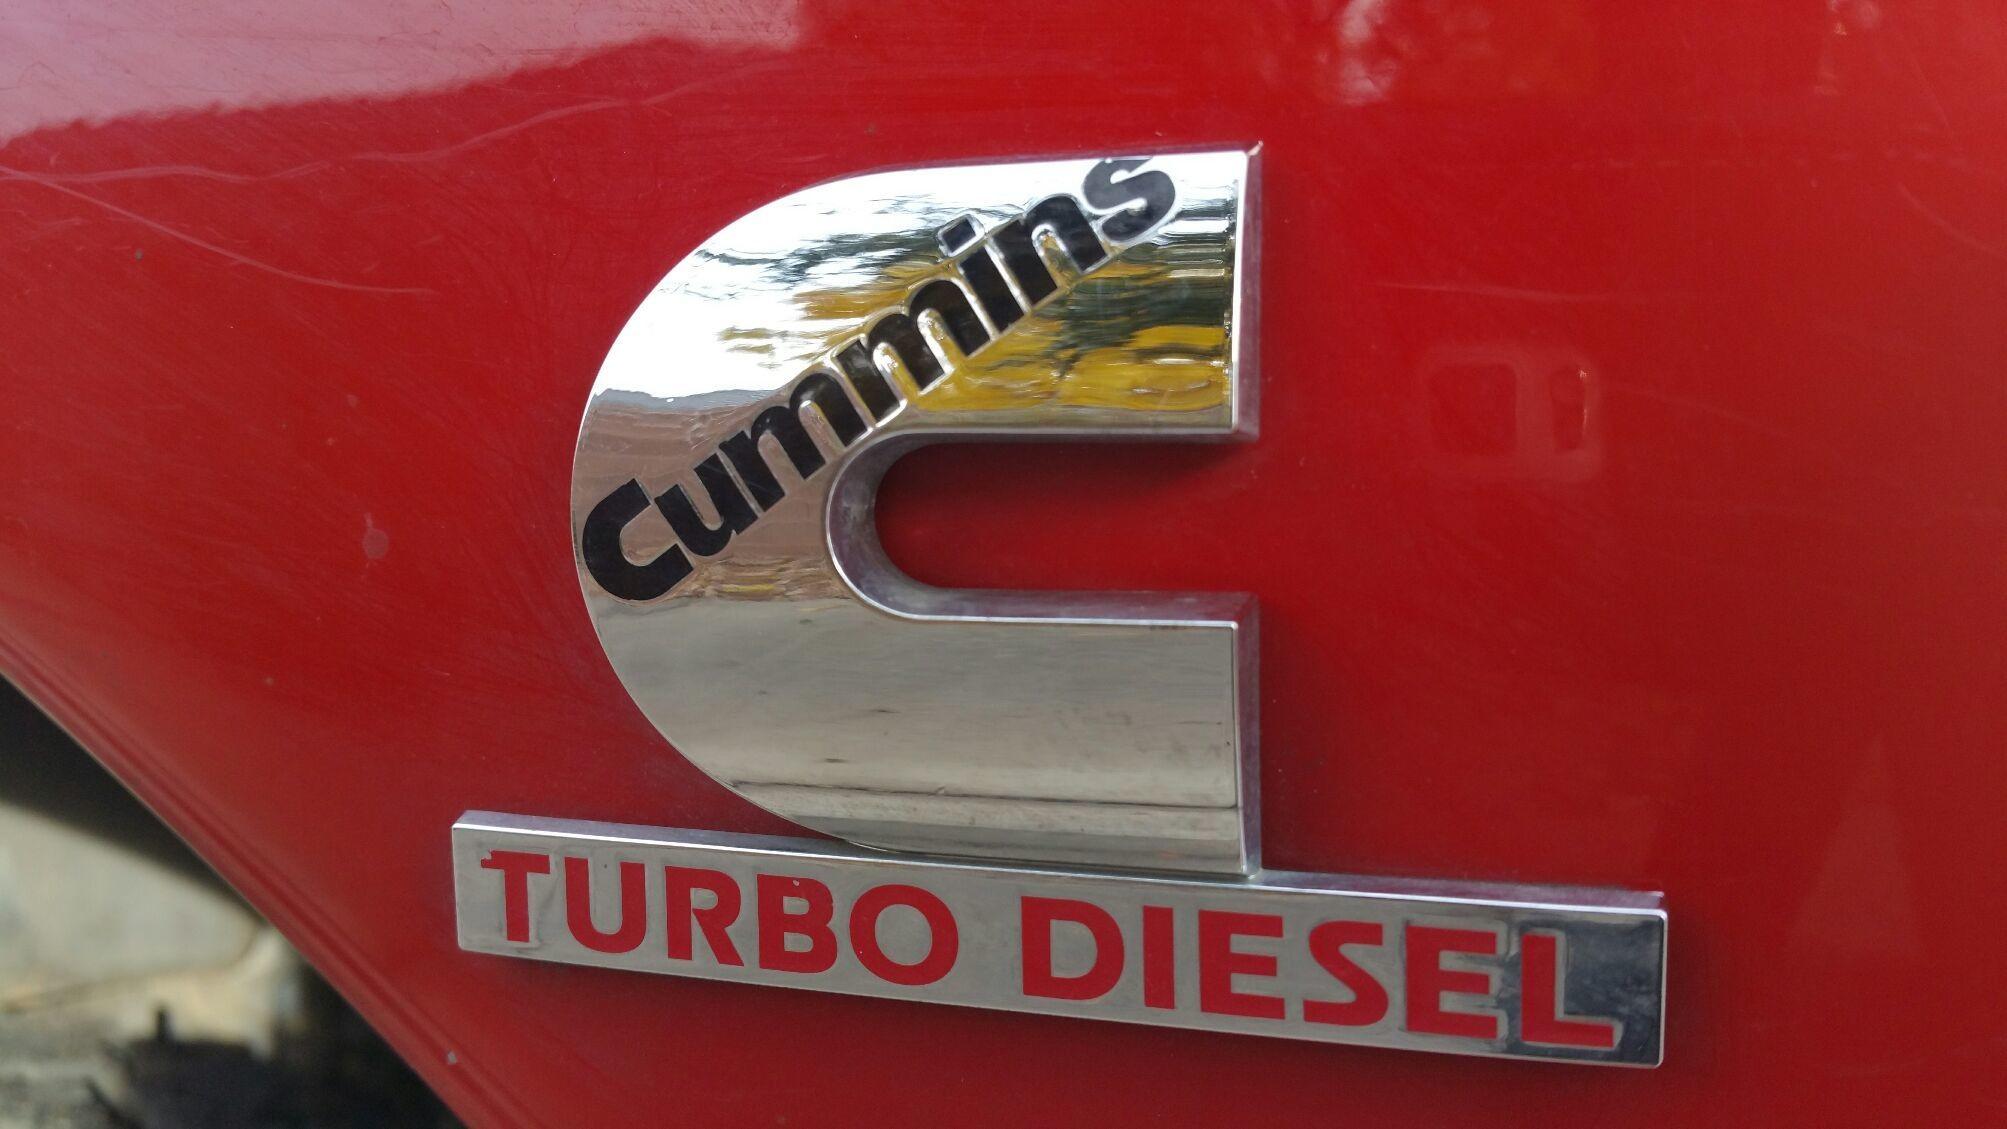 Cummins Turbo Diesel - Magazine cover